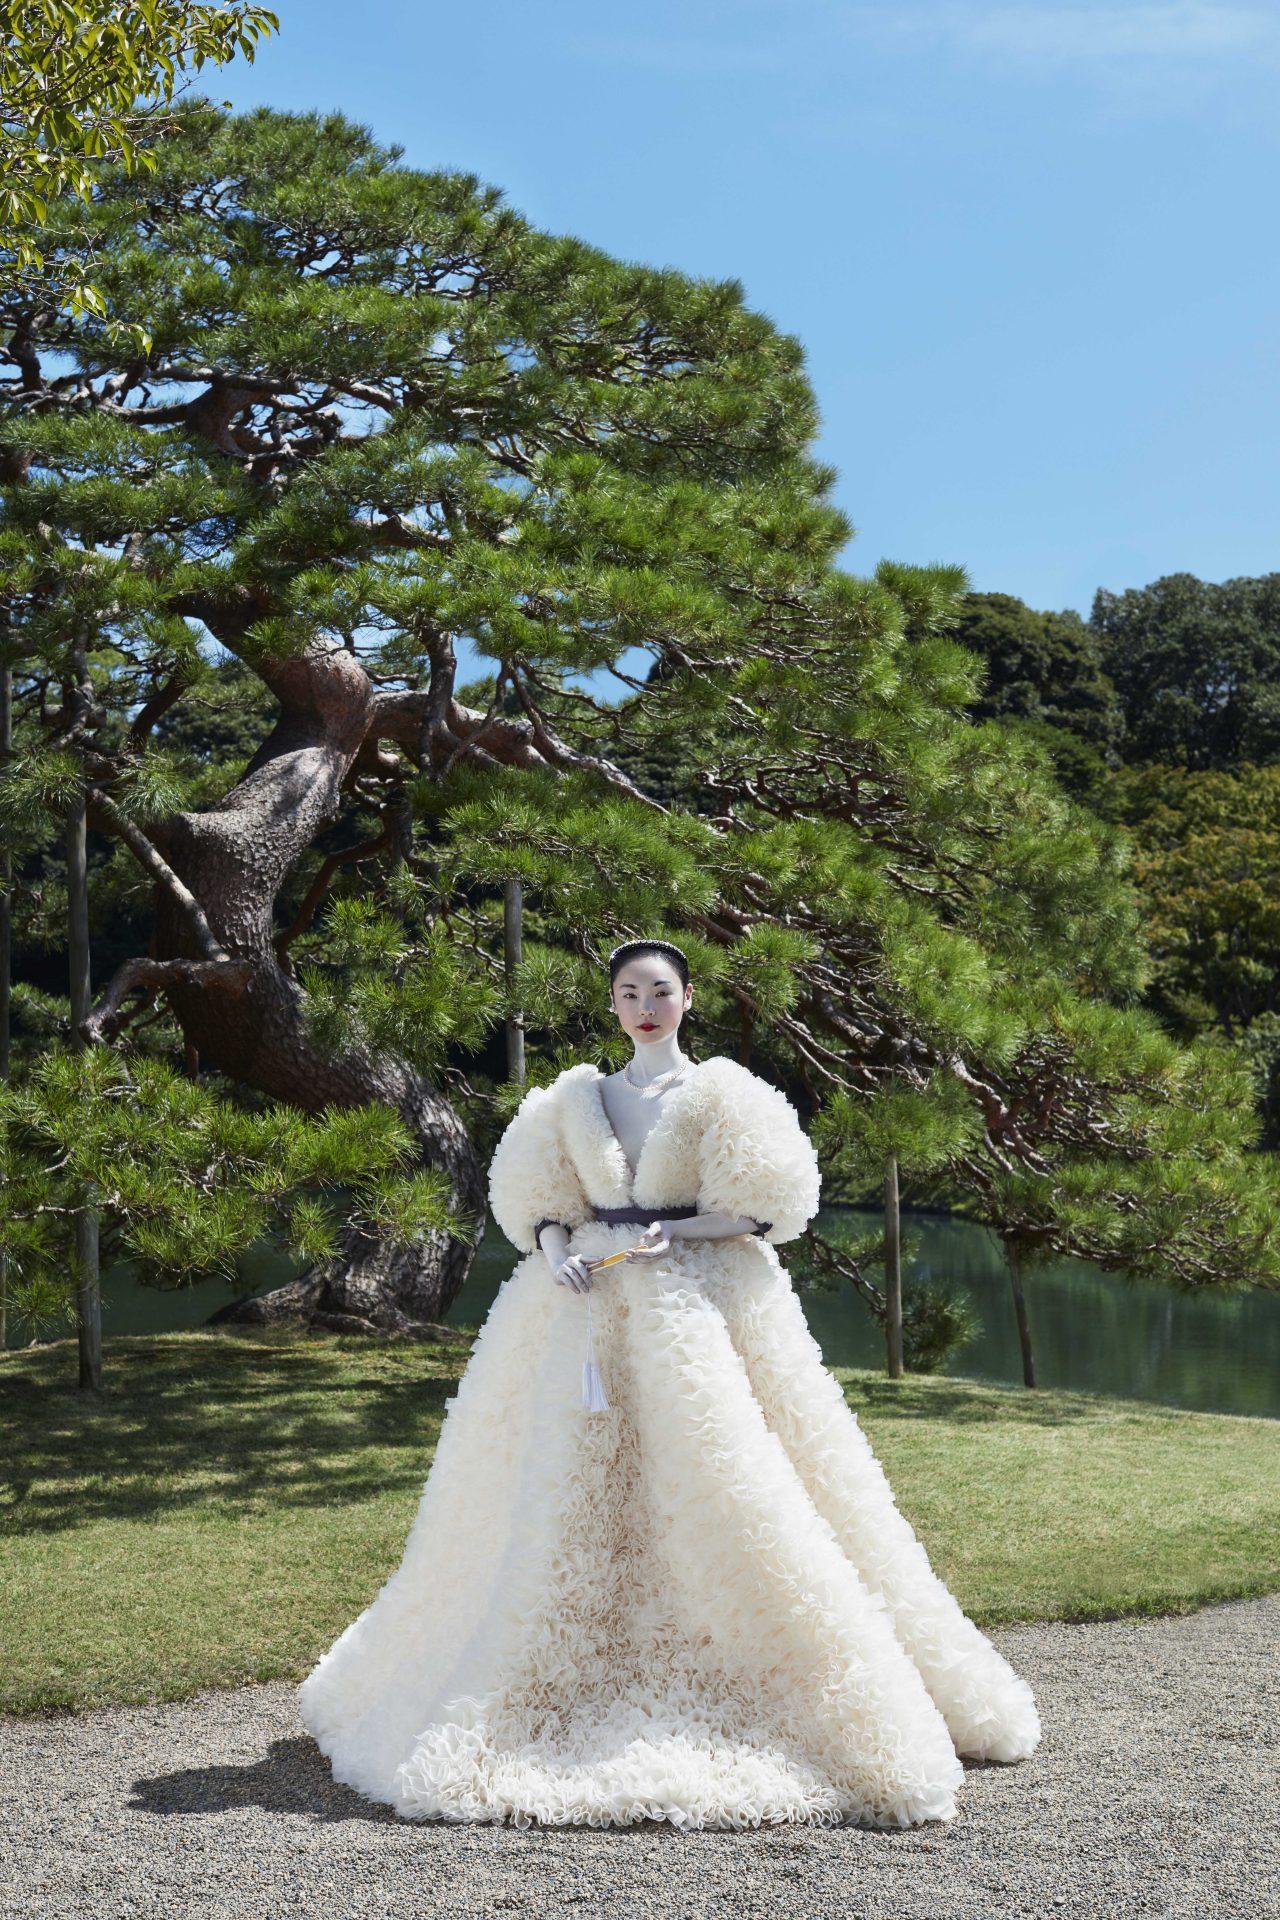 デザイナーTOMO KOIZUMIとウェディングドレスのセレクトショップ THE TREAT DRESSINGのアトリエから誕生したブランドTREAT MAISON(トリート・メゾン)がコラボレーションをしてウェディングコレクションを発表。女優、古川琴音さんご着用のウェディングドレスのご紹介。